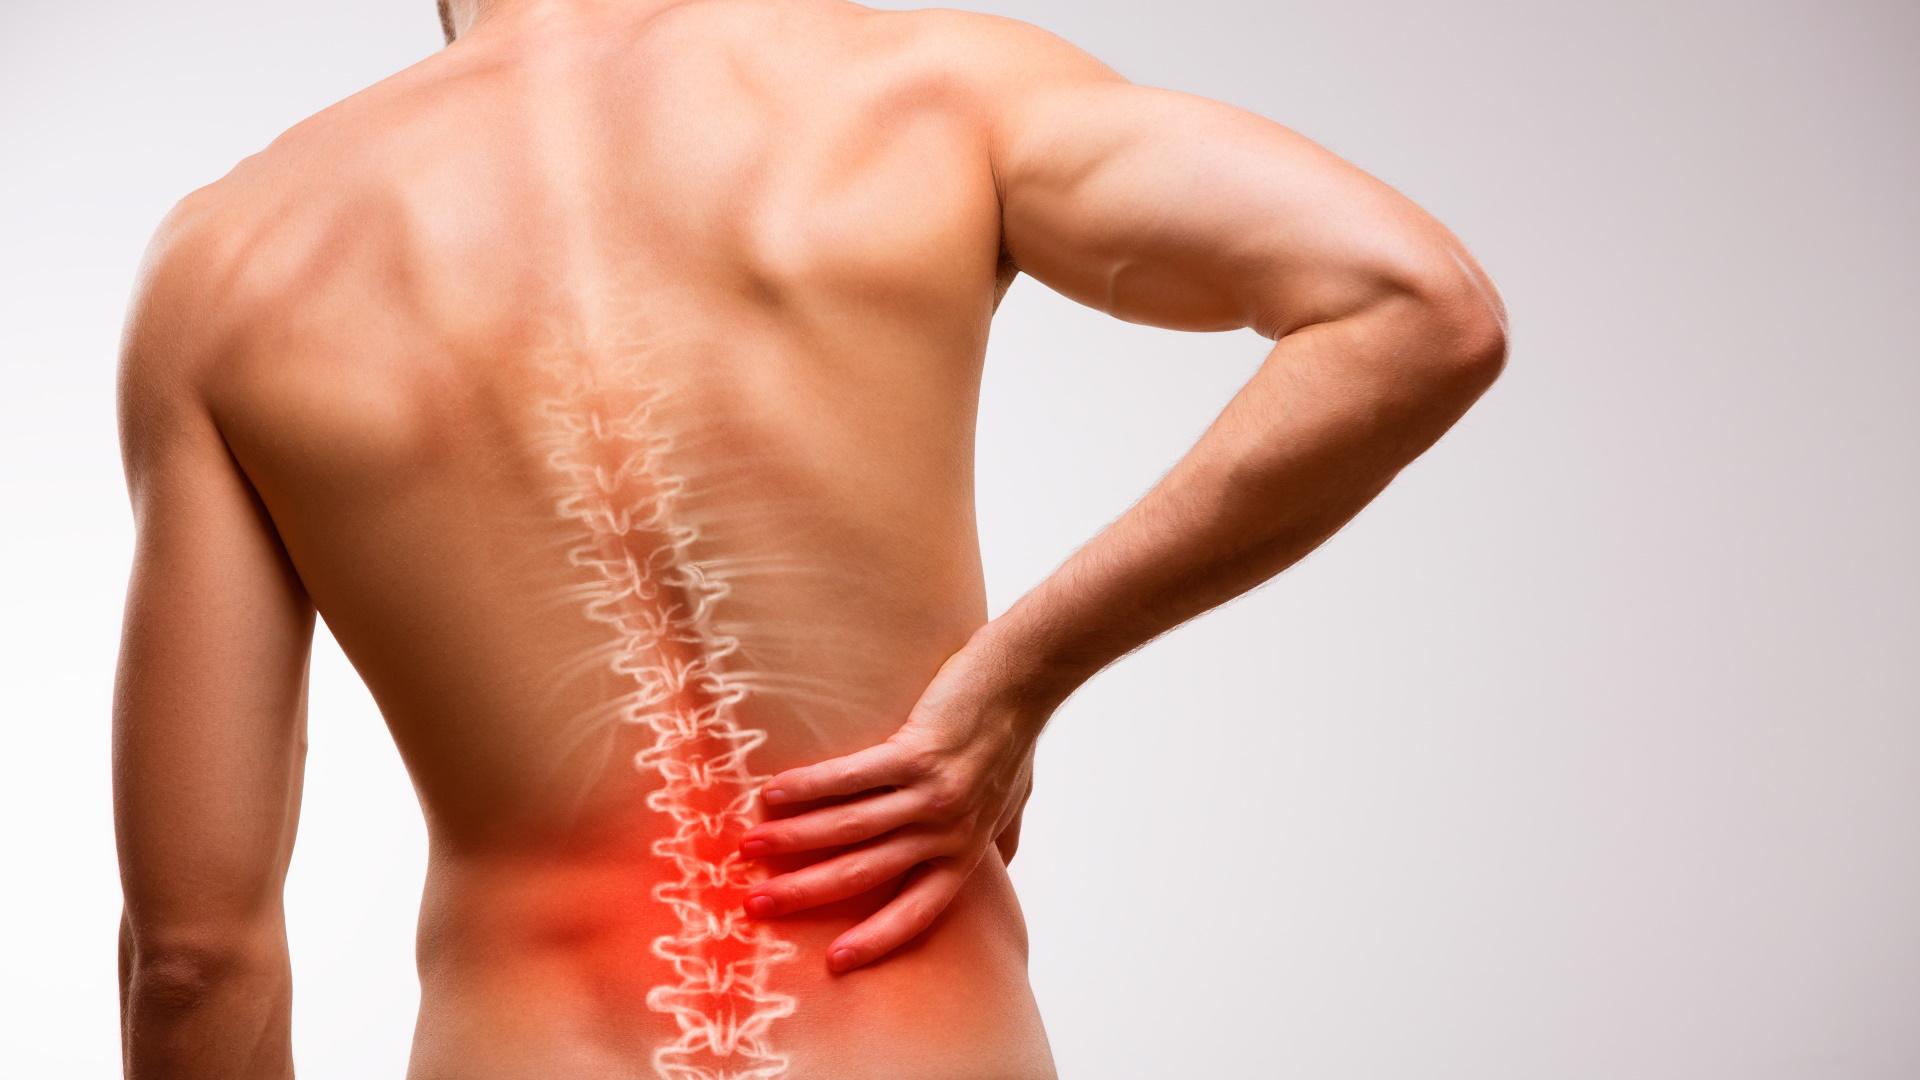 Vignette de la formation : Les douleurs neuropathiques